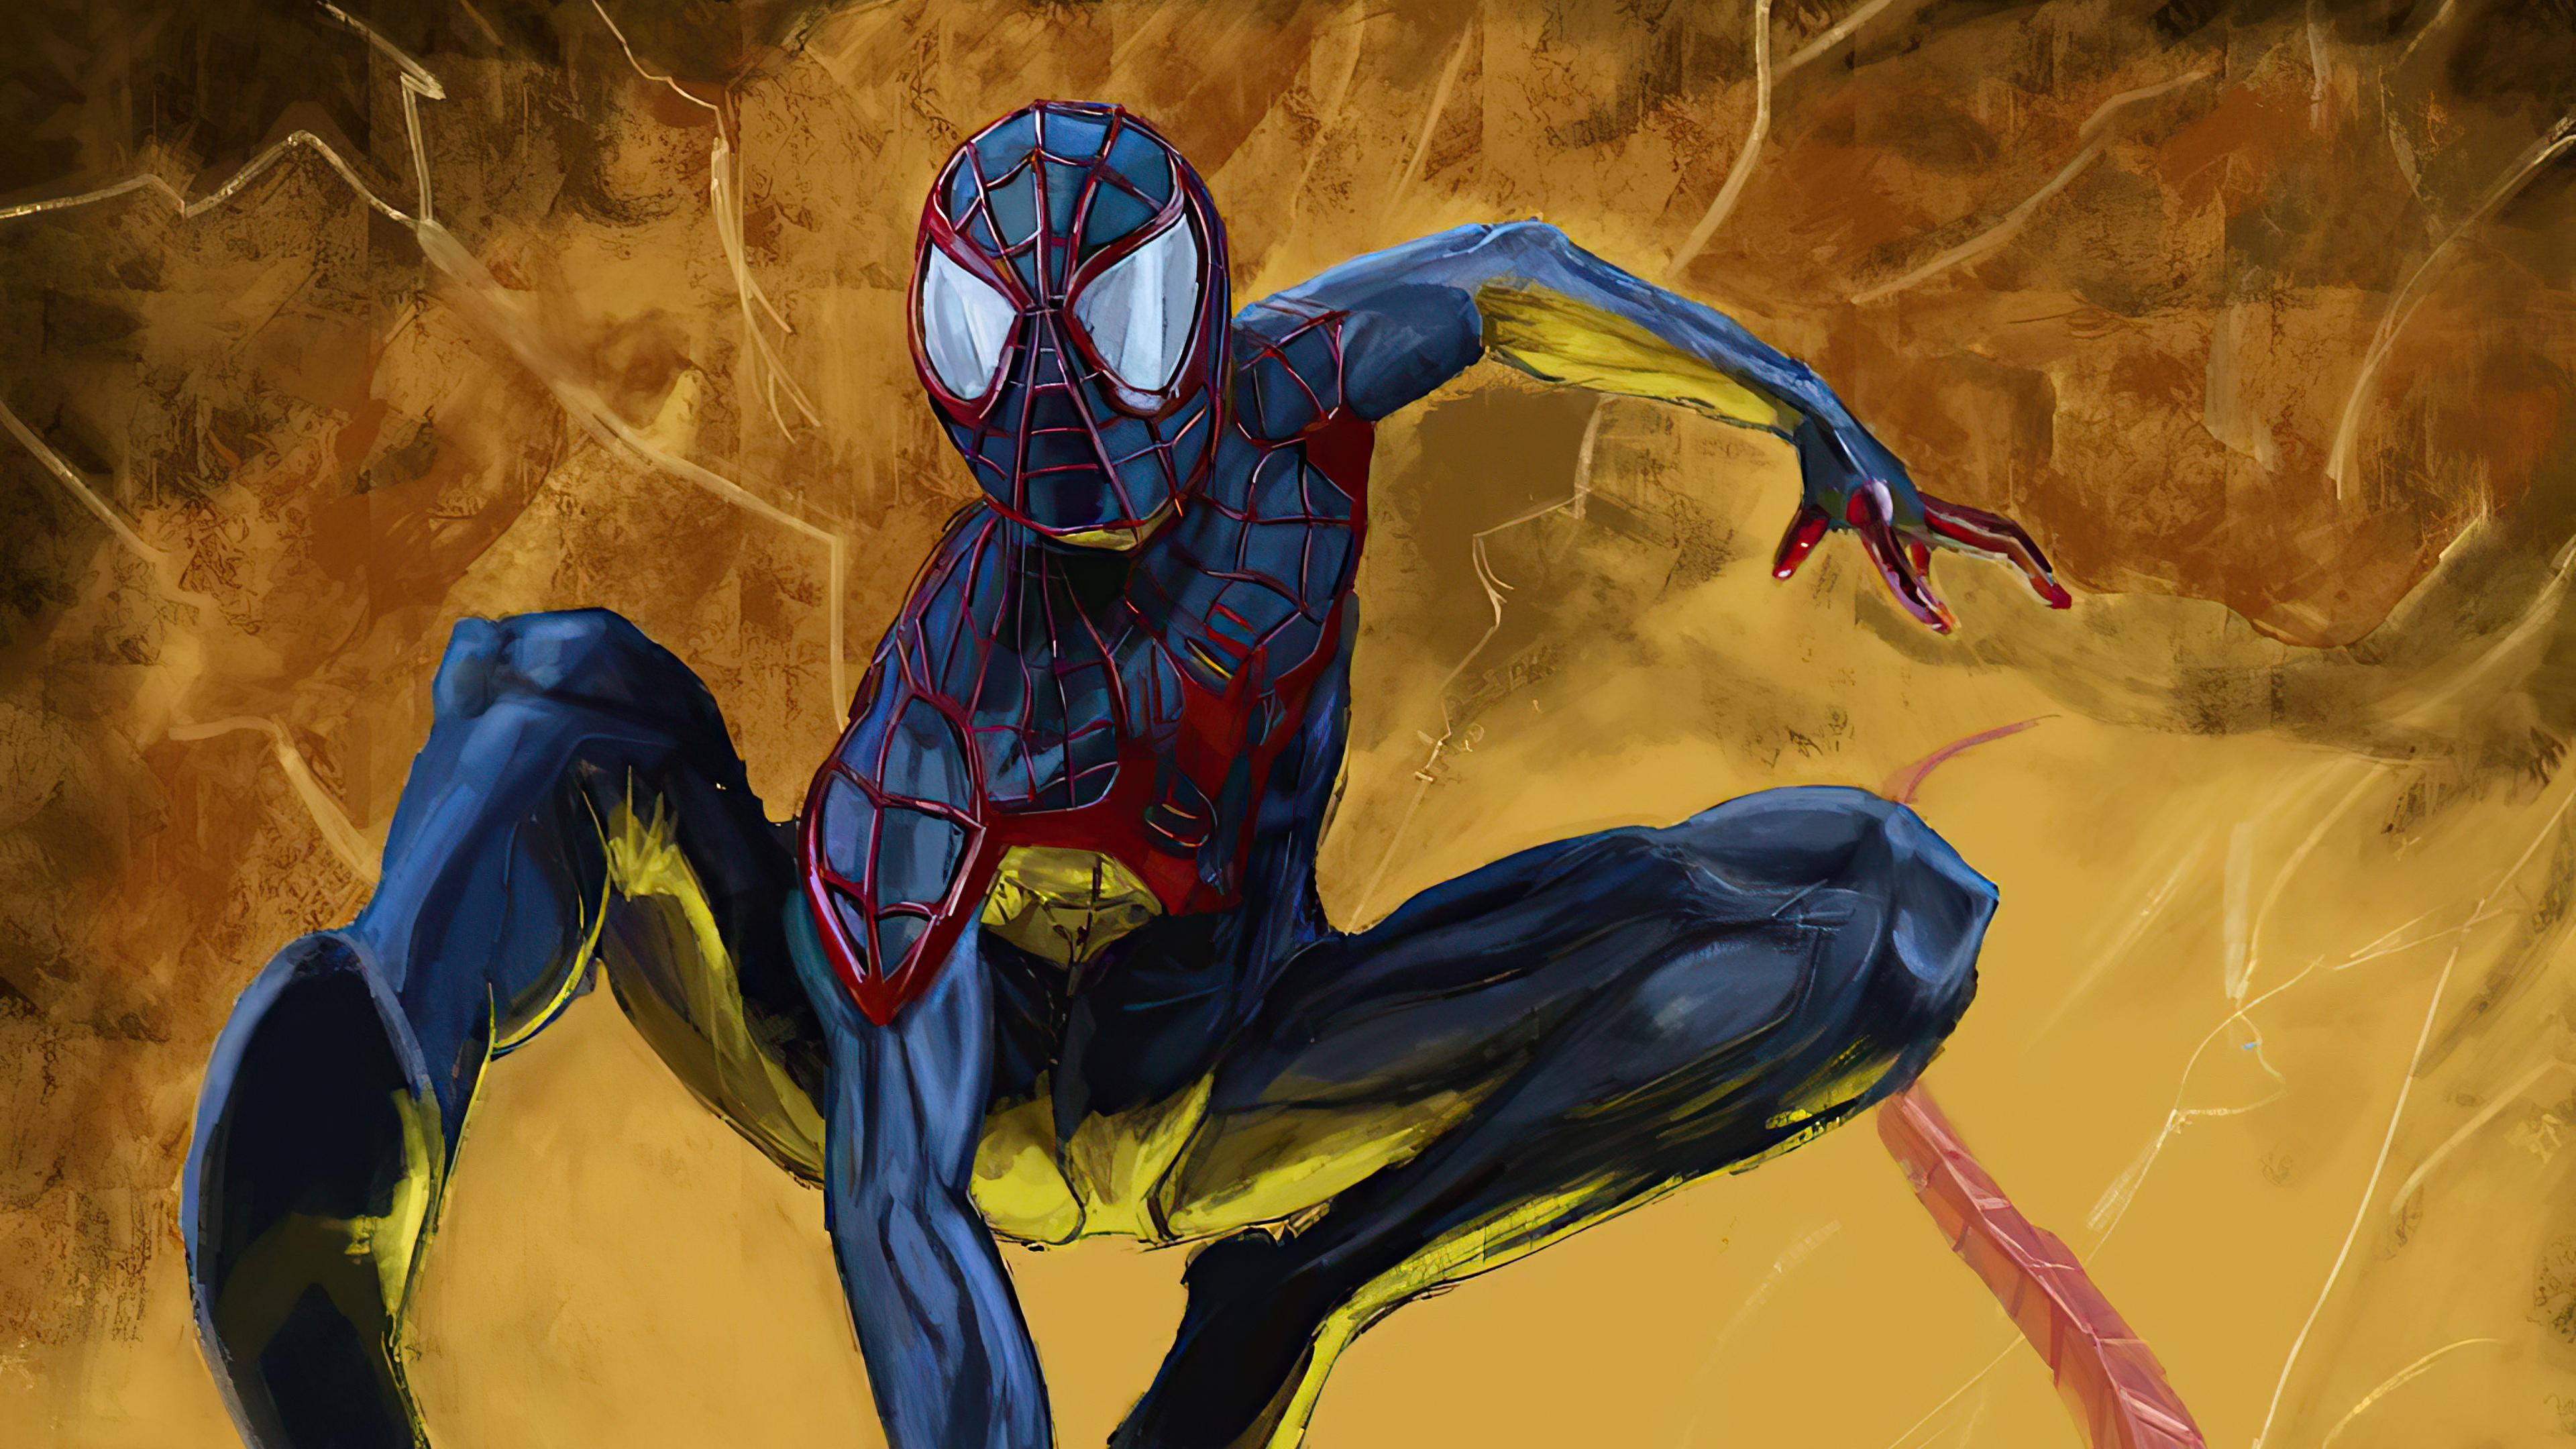 3840x2160 Spider Man V Venom 4k 4k HD 4k Wallpapers ...